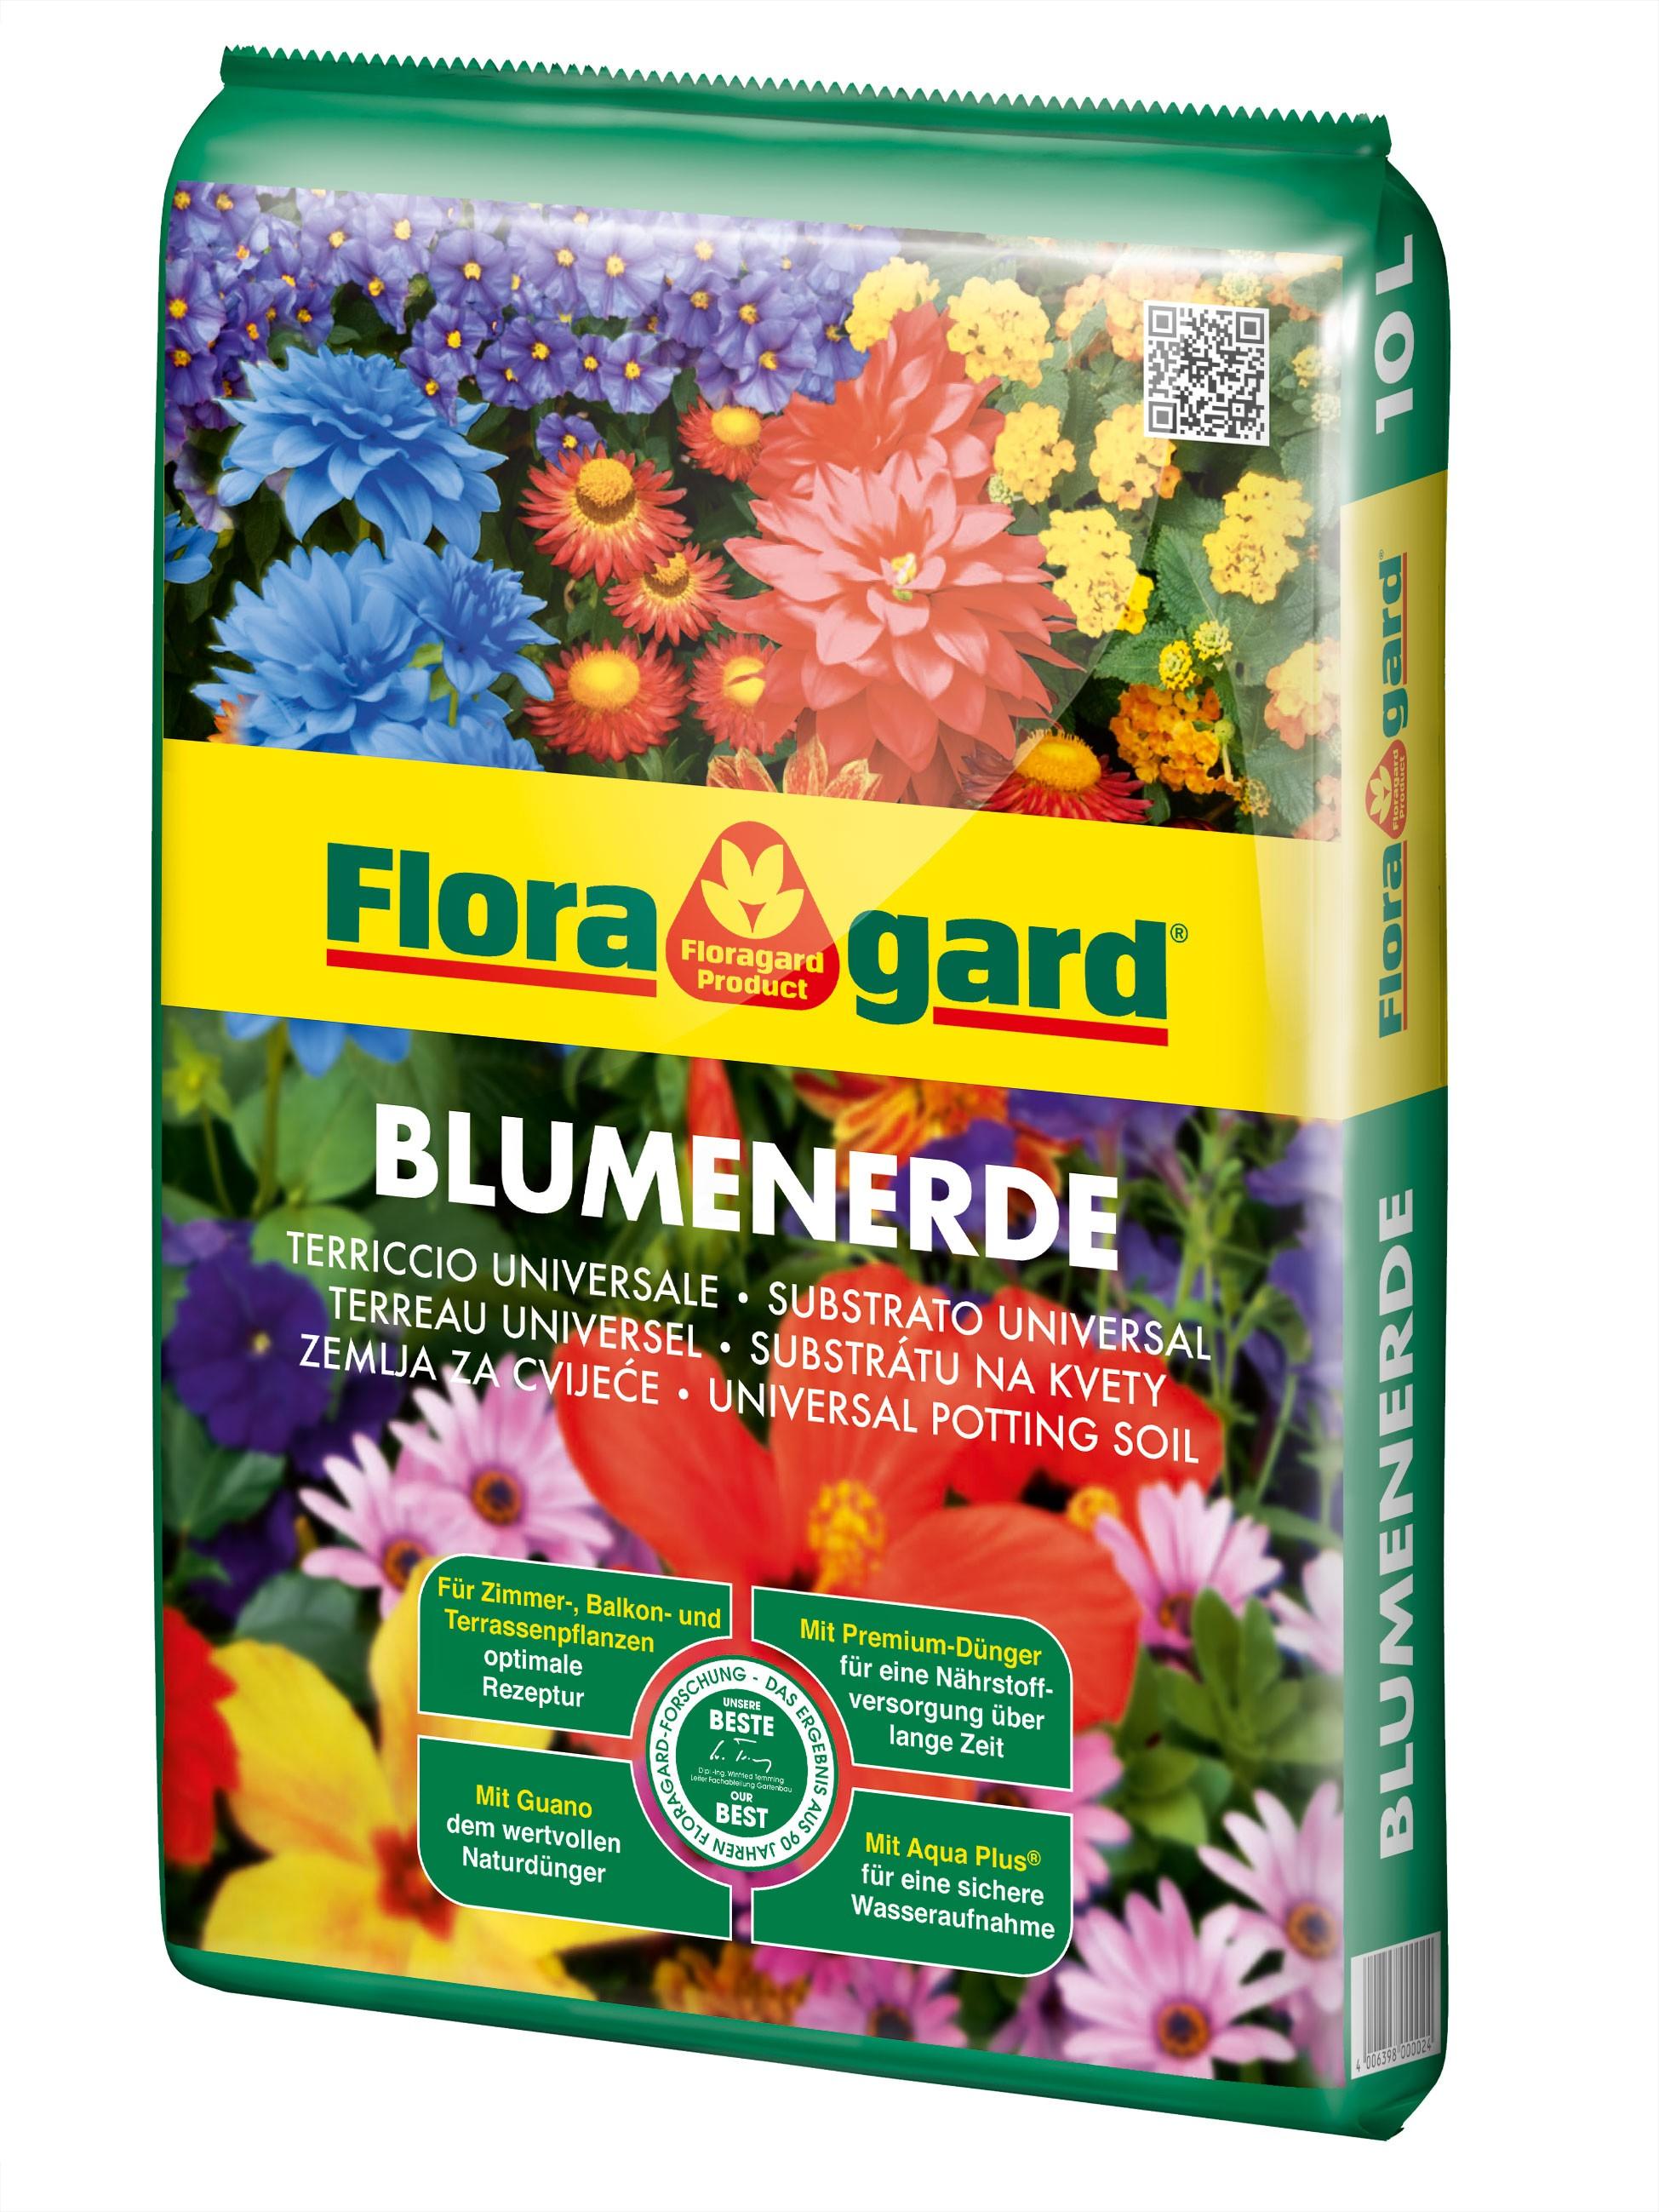 Floragard Blumenerde / Zimmerpflanzenerde 10 Liter Bild 1